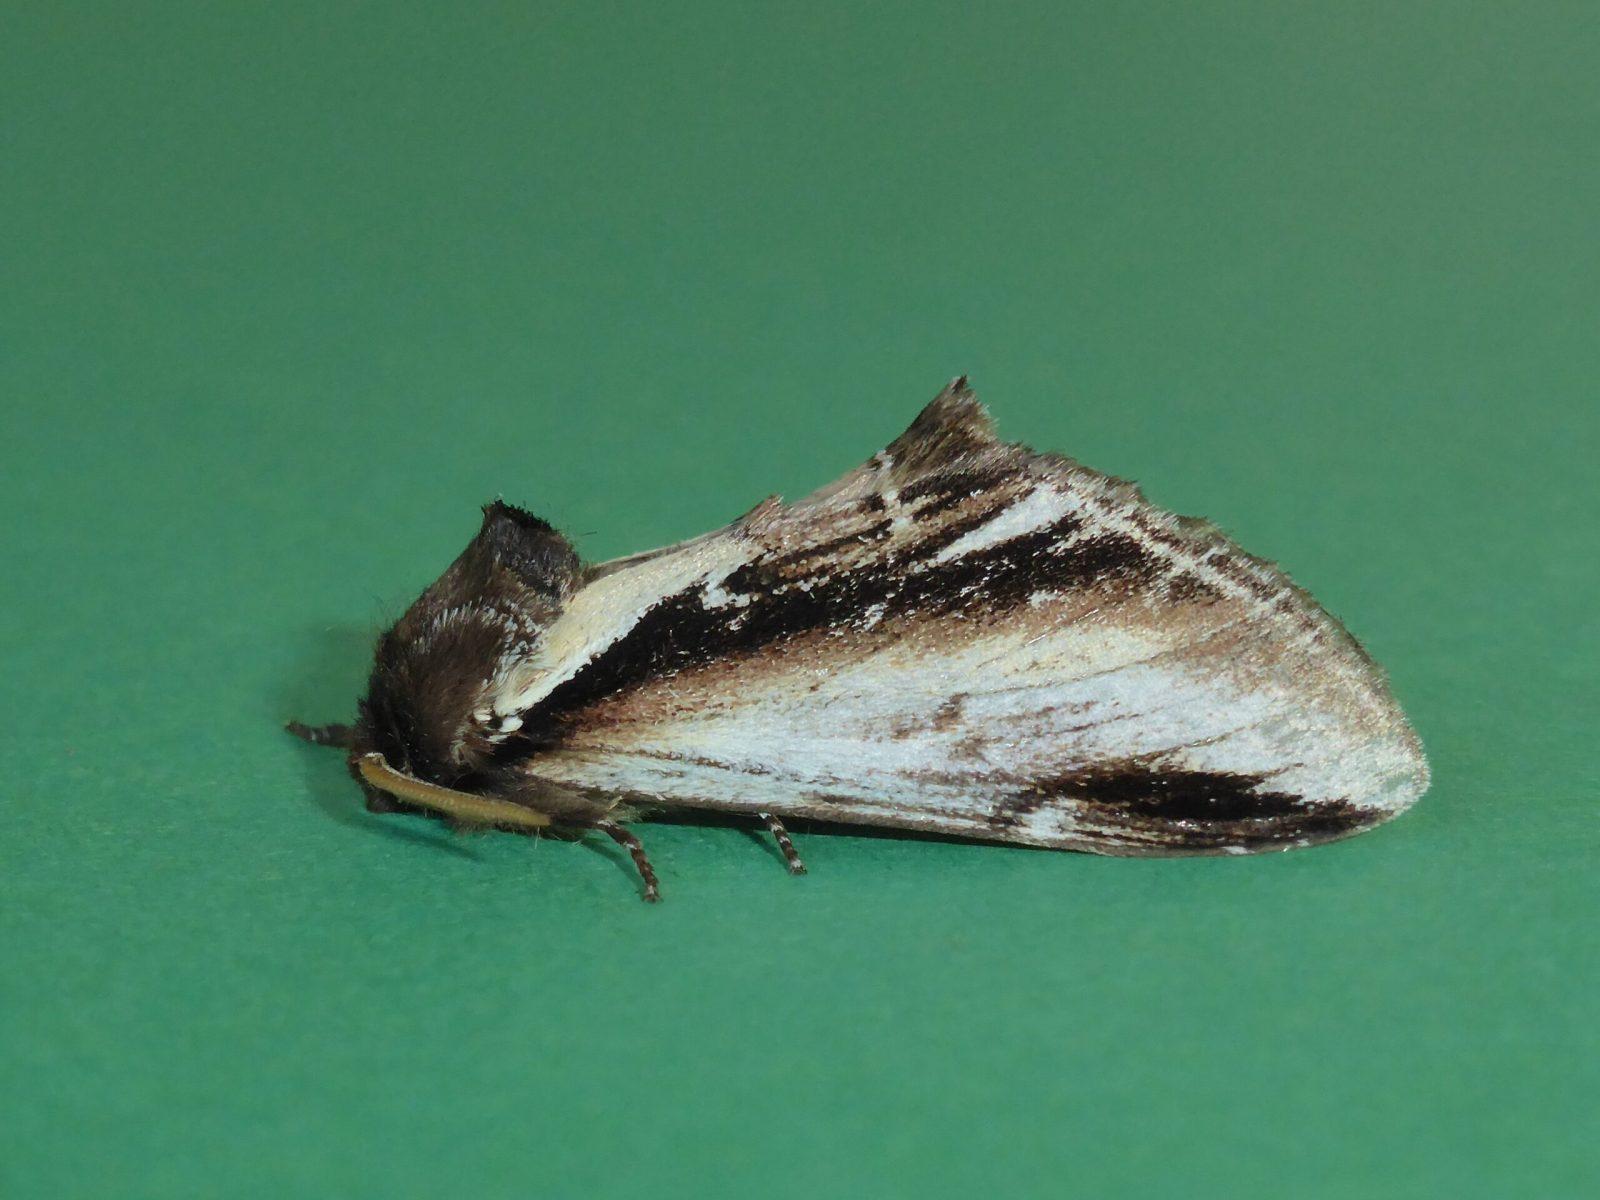 Pheosia gnoma - Lesser Swallow Prominent - Kirk Smeaton